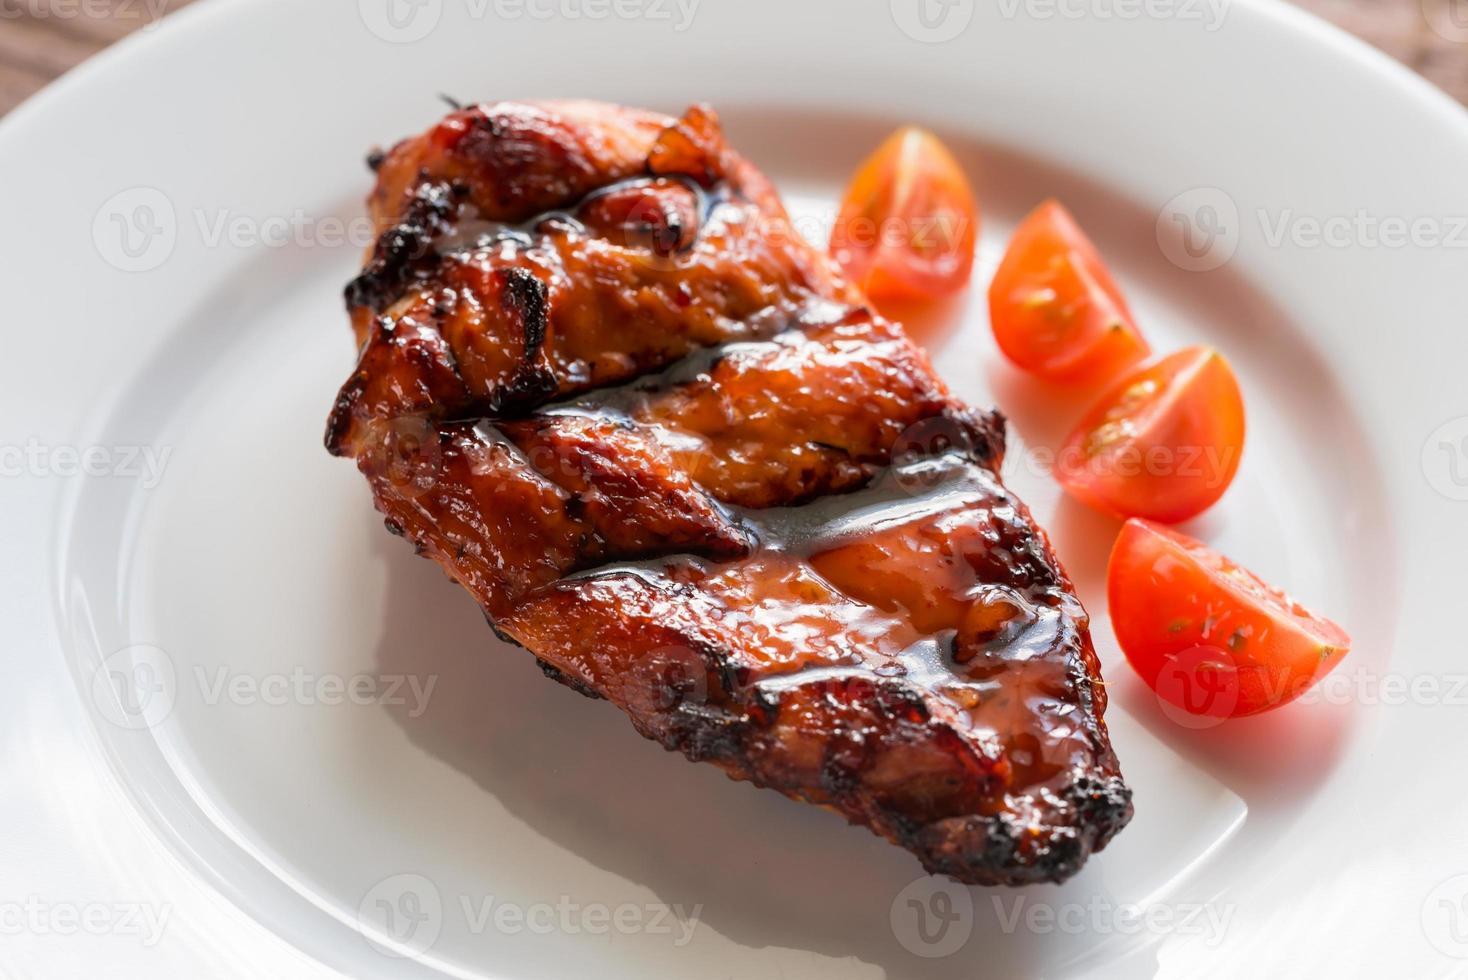 grillad kycklingbiff med körsbärstomater foto